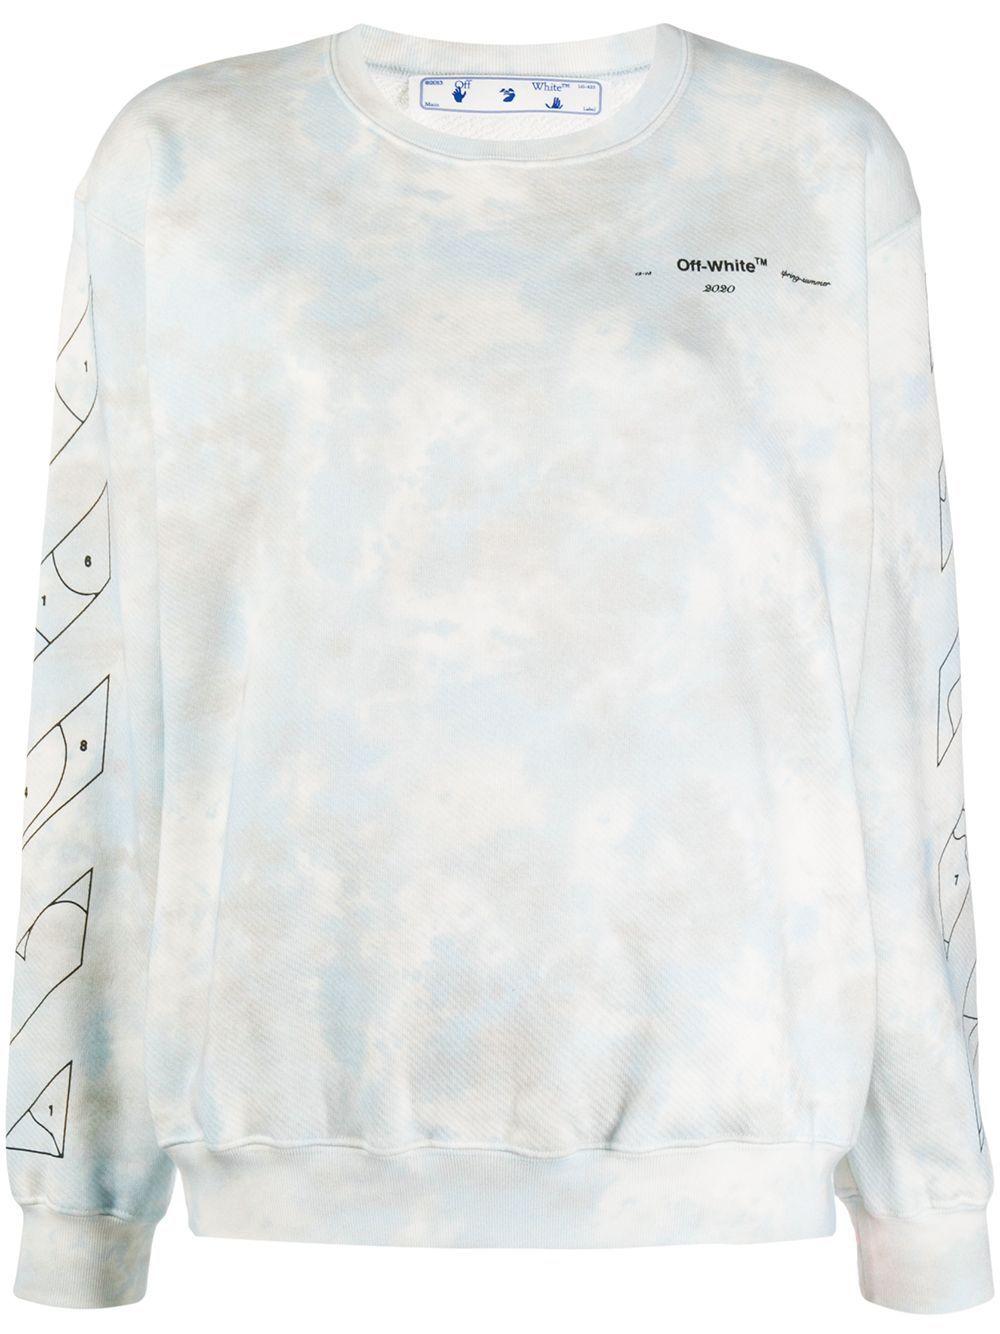 Off White Cloud Print Sweatshirt Farfetch In 2021 Off White Clothing Off White Sweatshirt Printed Sweatshirts [ 1334 x 1000 Pixel ]